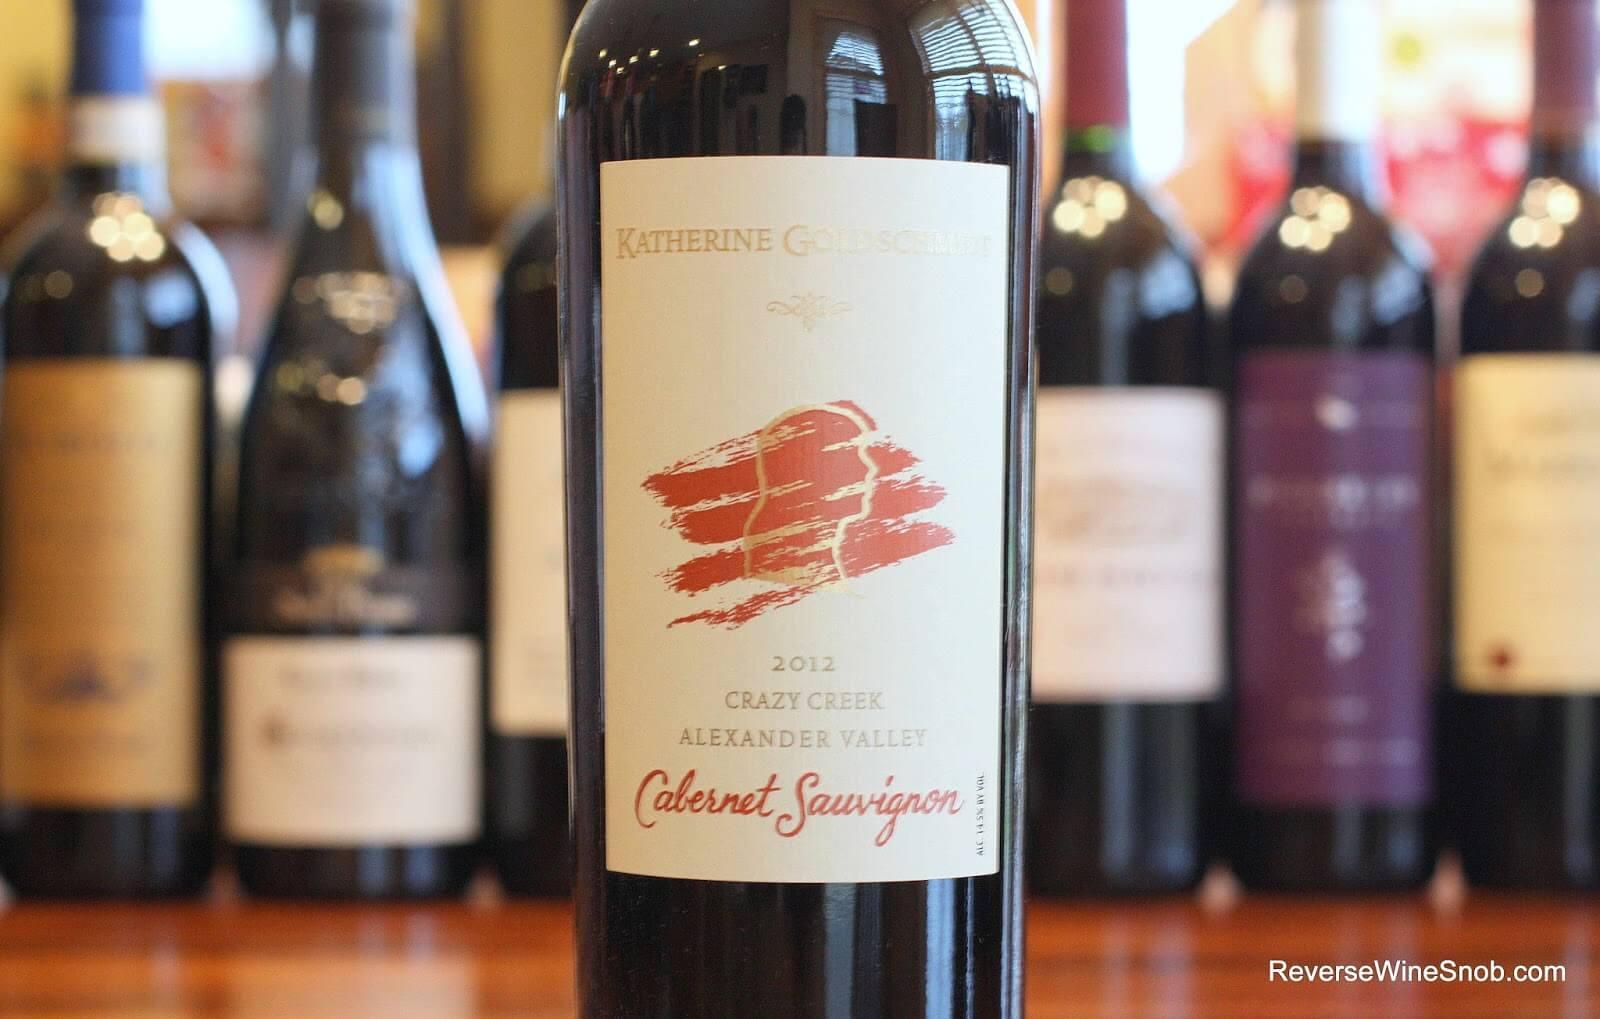 2012-Katherine-Goldschmidt-Crazy-Creek-Cabernet-Sauvignon